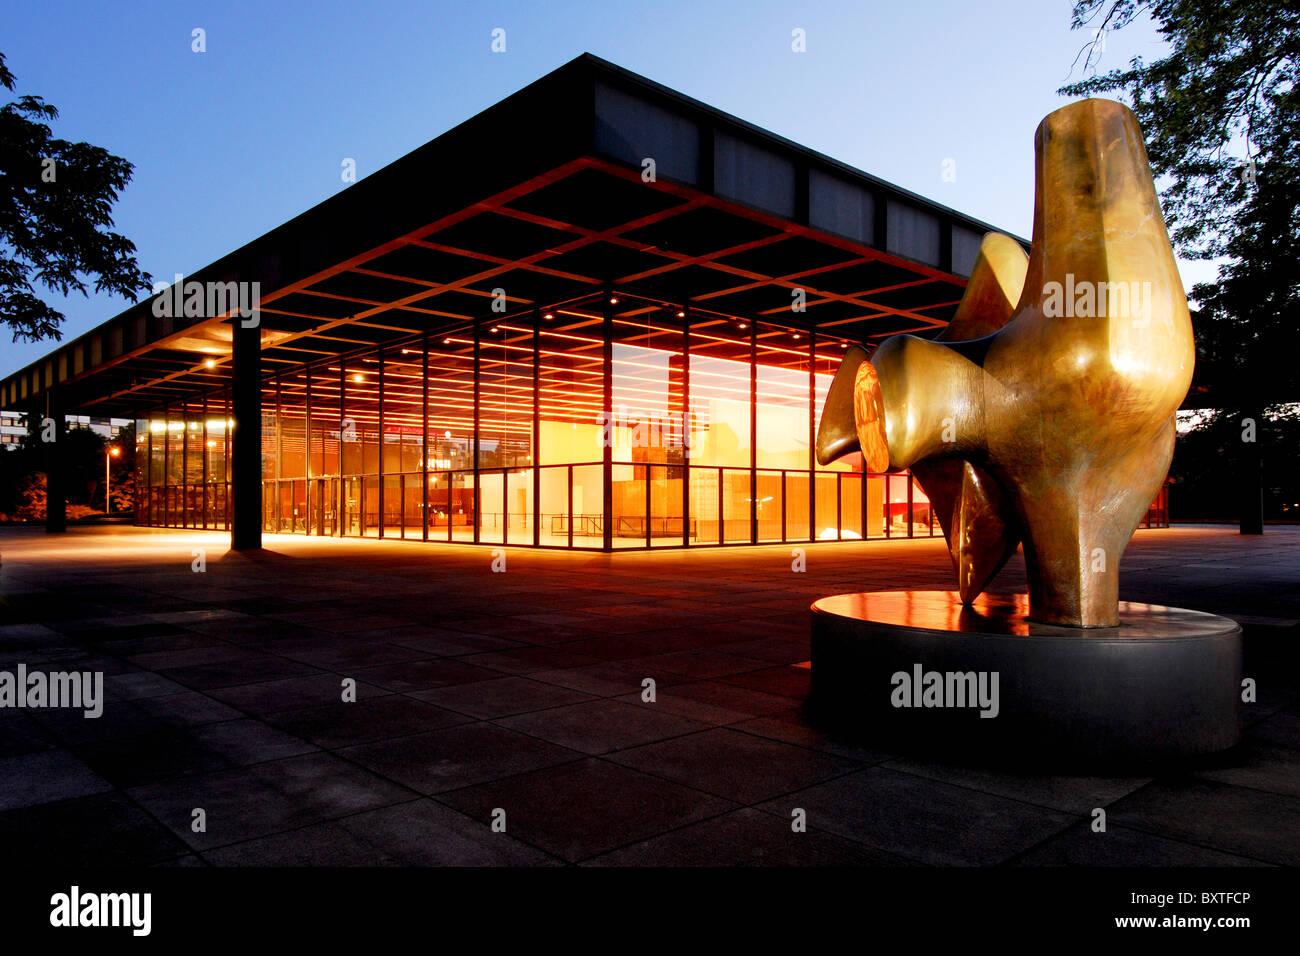 1965, 1965-1968, 1968, am, architecture, architekt, architektur, art, aussen, bauhaus, bauwerk, berlin, building, - Stock Image